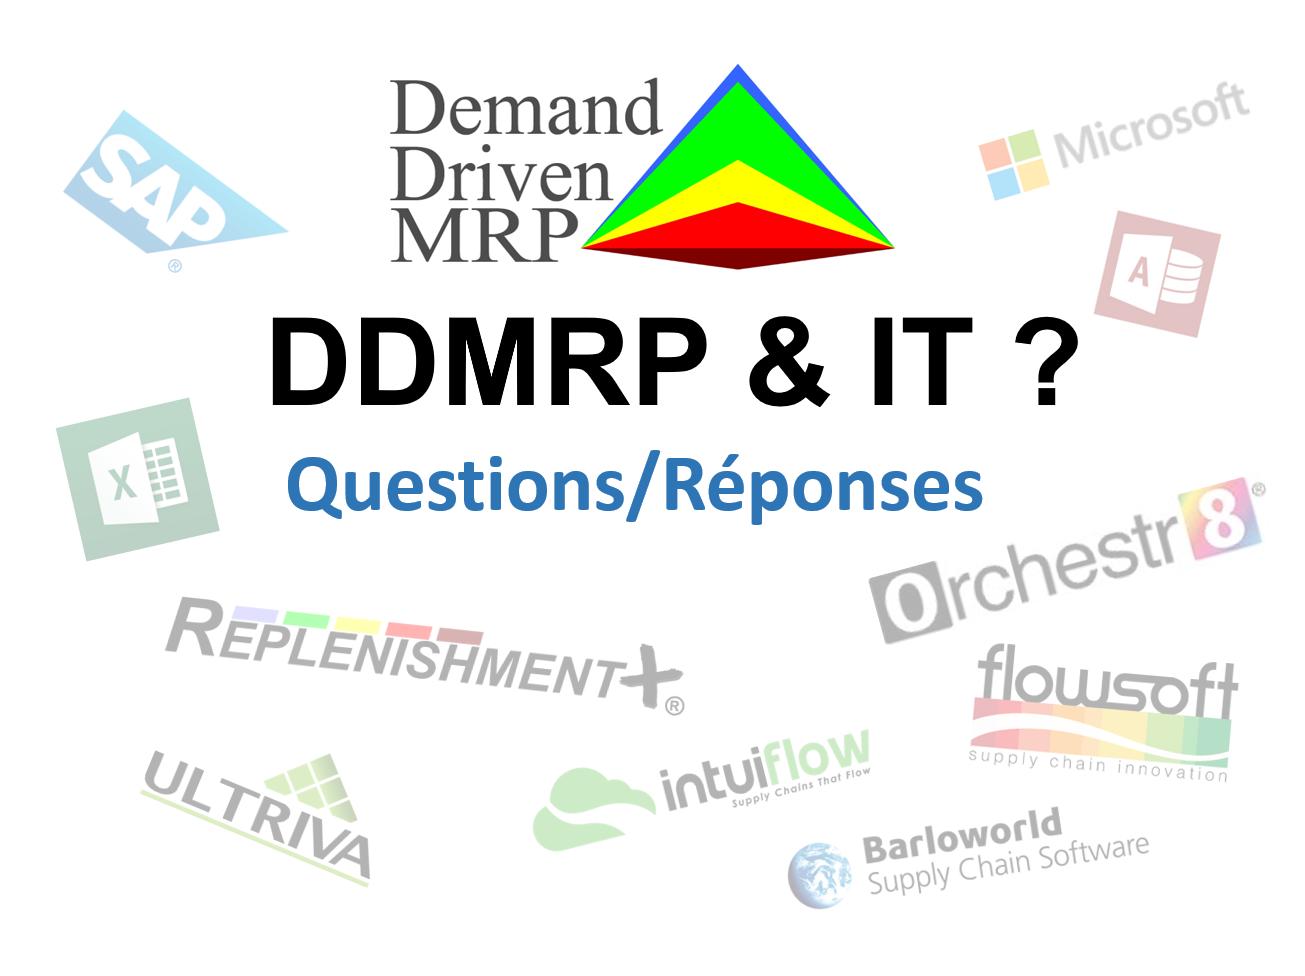 DDMRP&IT